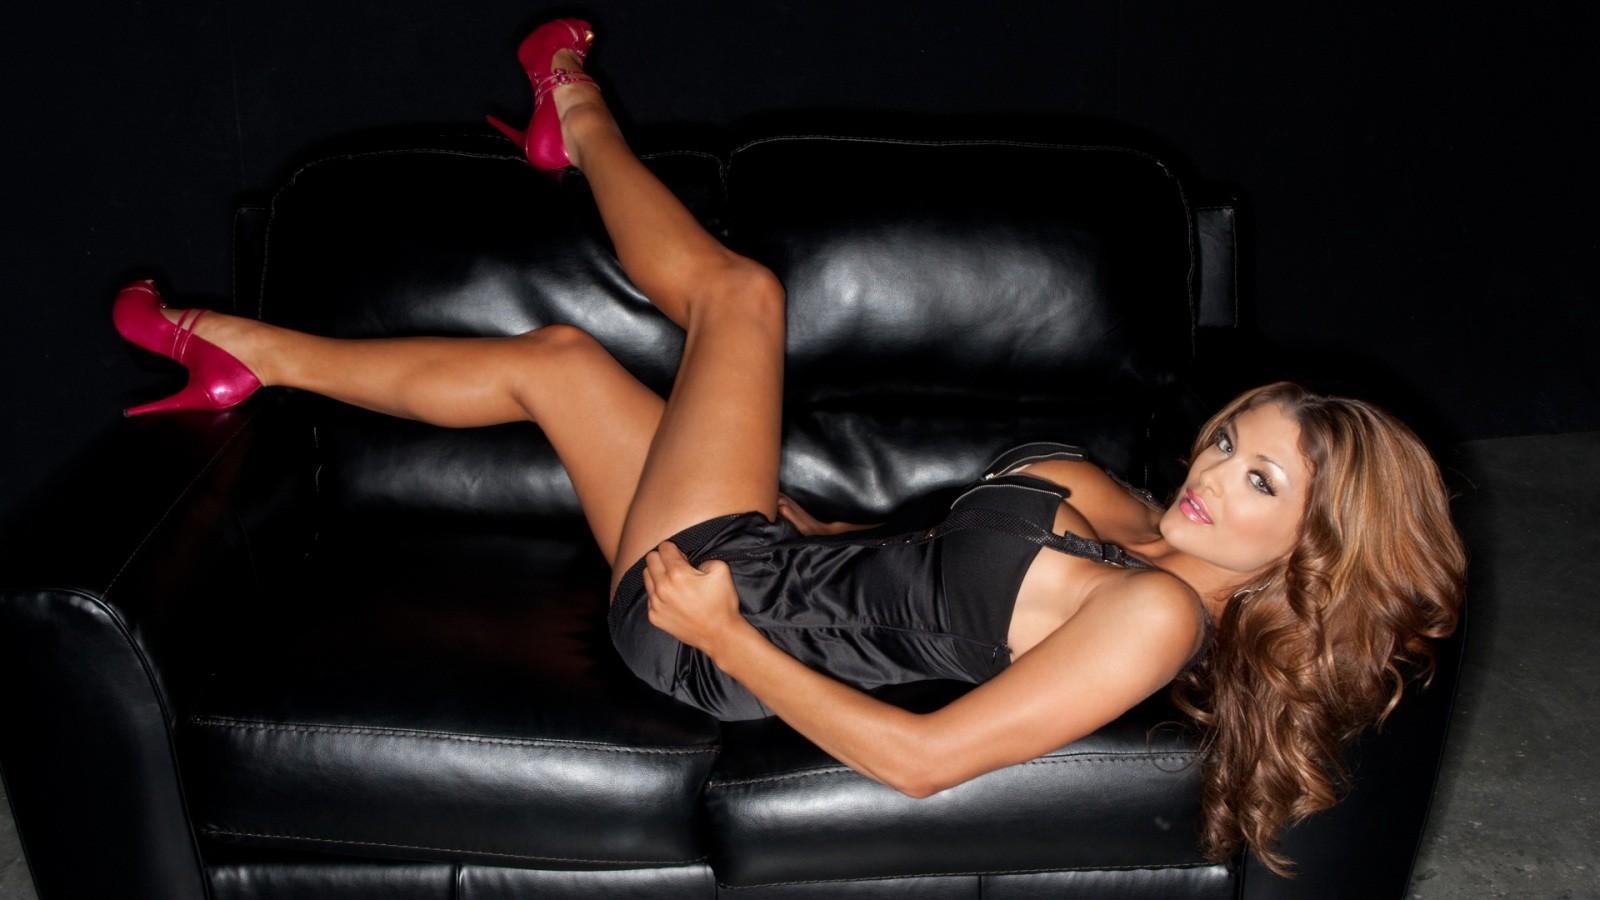 http://3.bp.blogspot.com/-d0GKCXvCQW8/ULBfmPhCifI/AAAAAAAAFok/ZXLf5qE-Bhc/s1600/WWE+Eve+Torres+hd+Wallpapers+2012_0.jpg